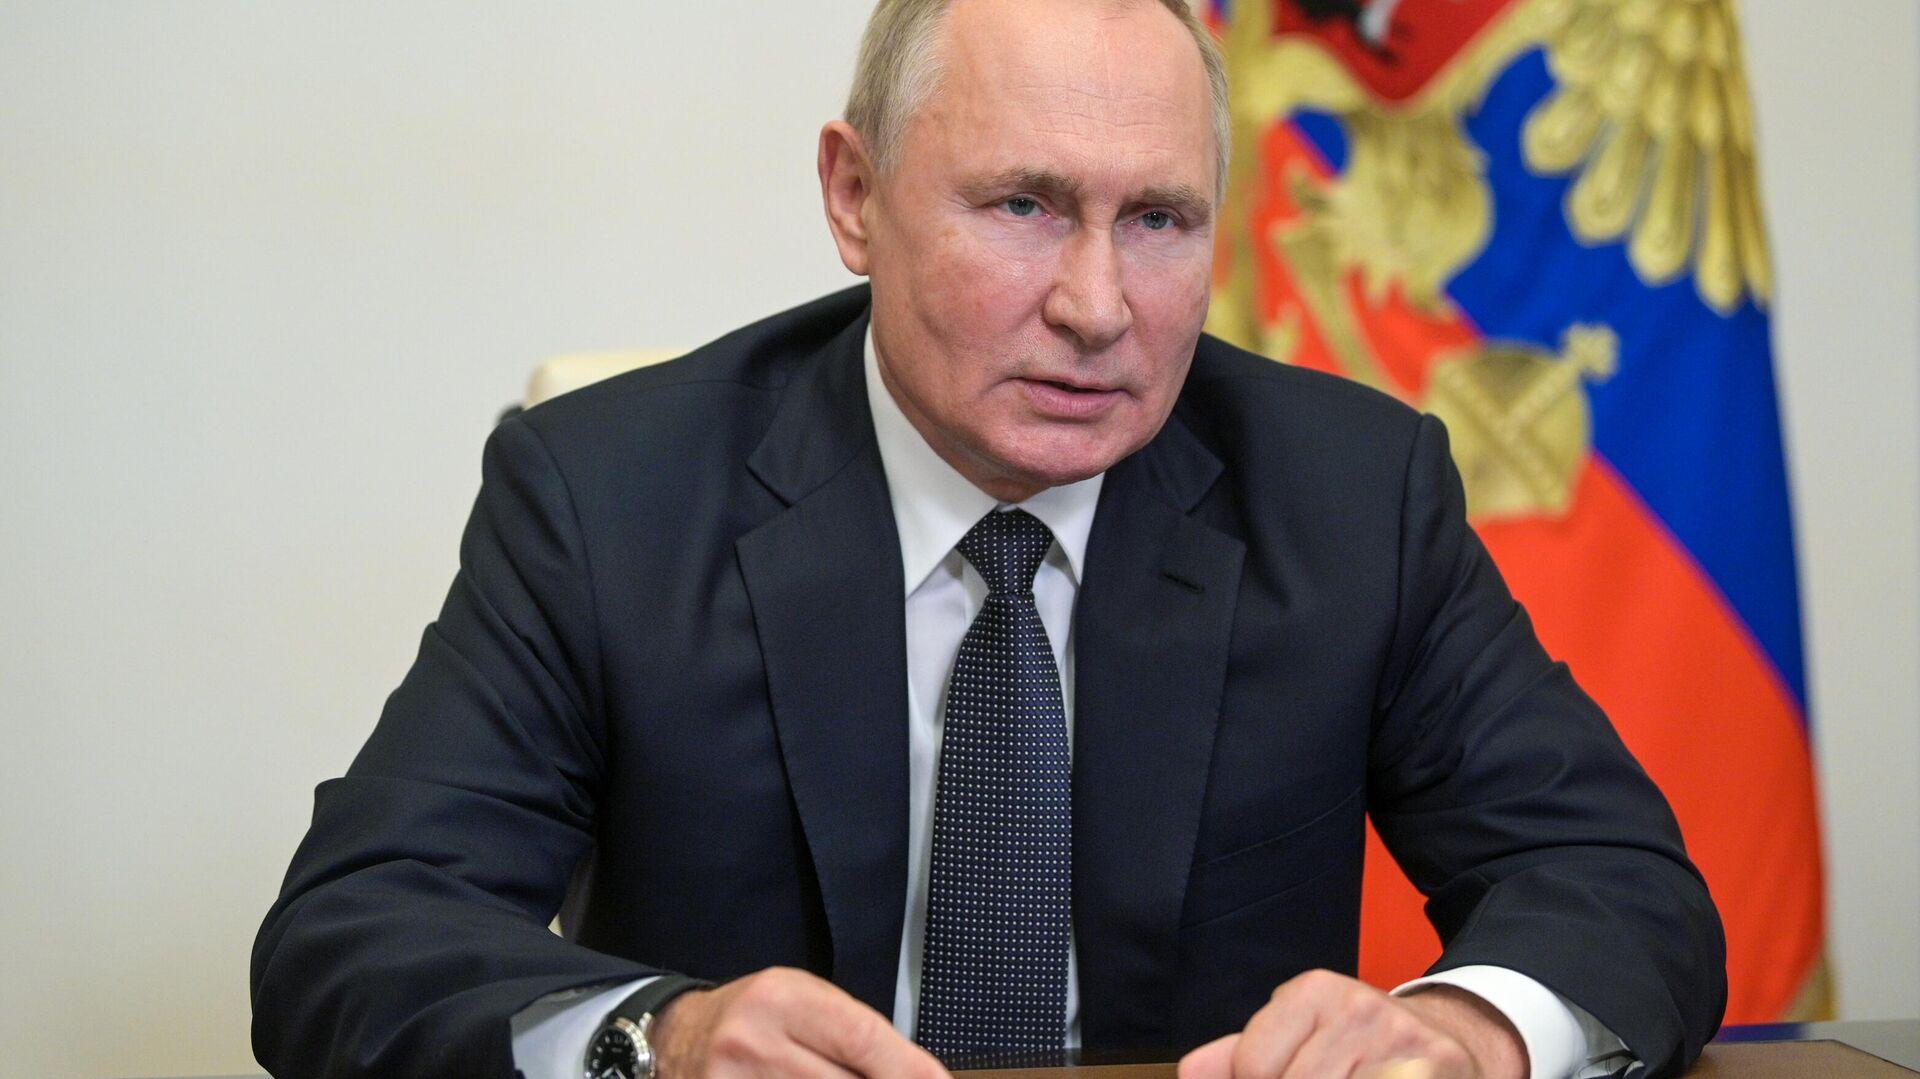 Руски председник Владимир Путин - Sputnik Србија, 1920, 17.09.2021